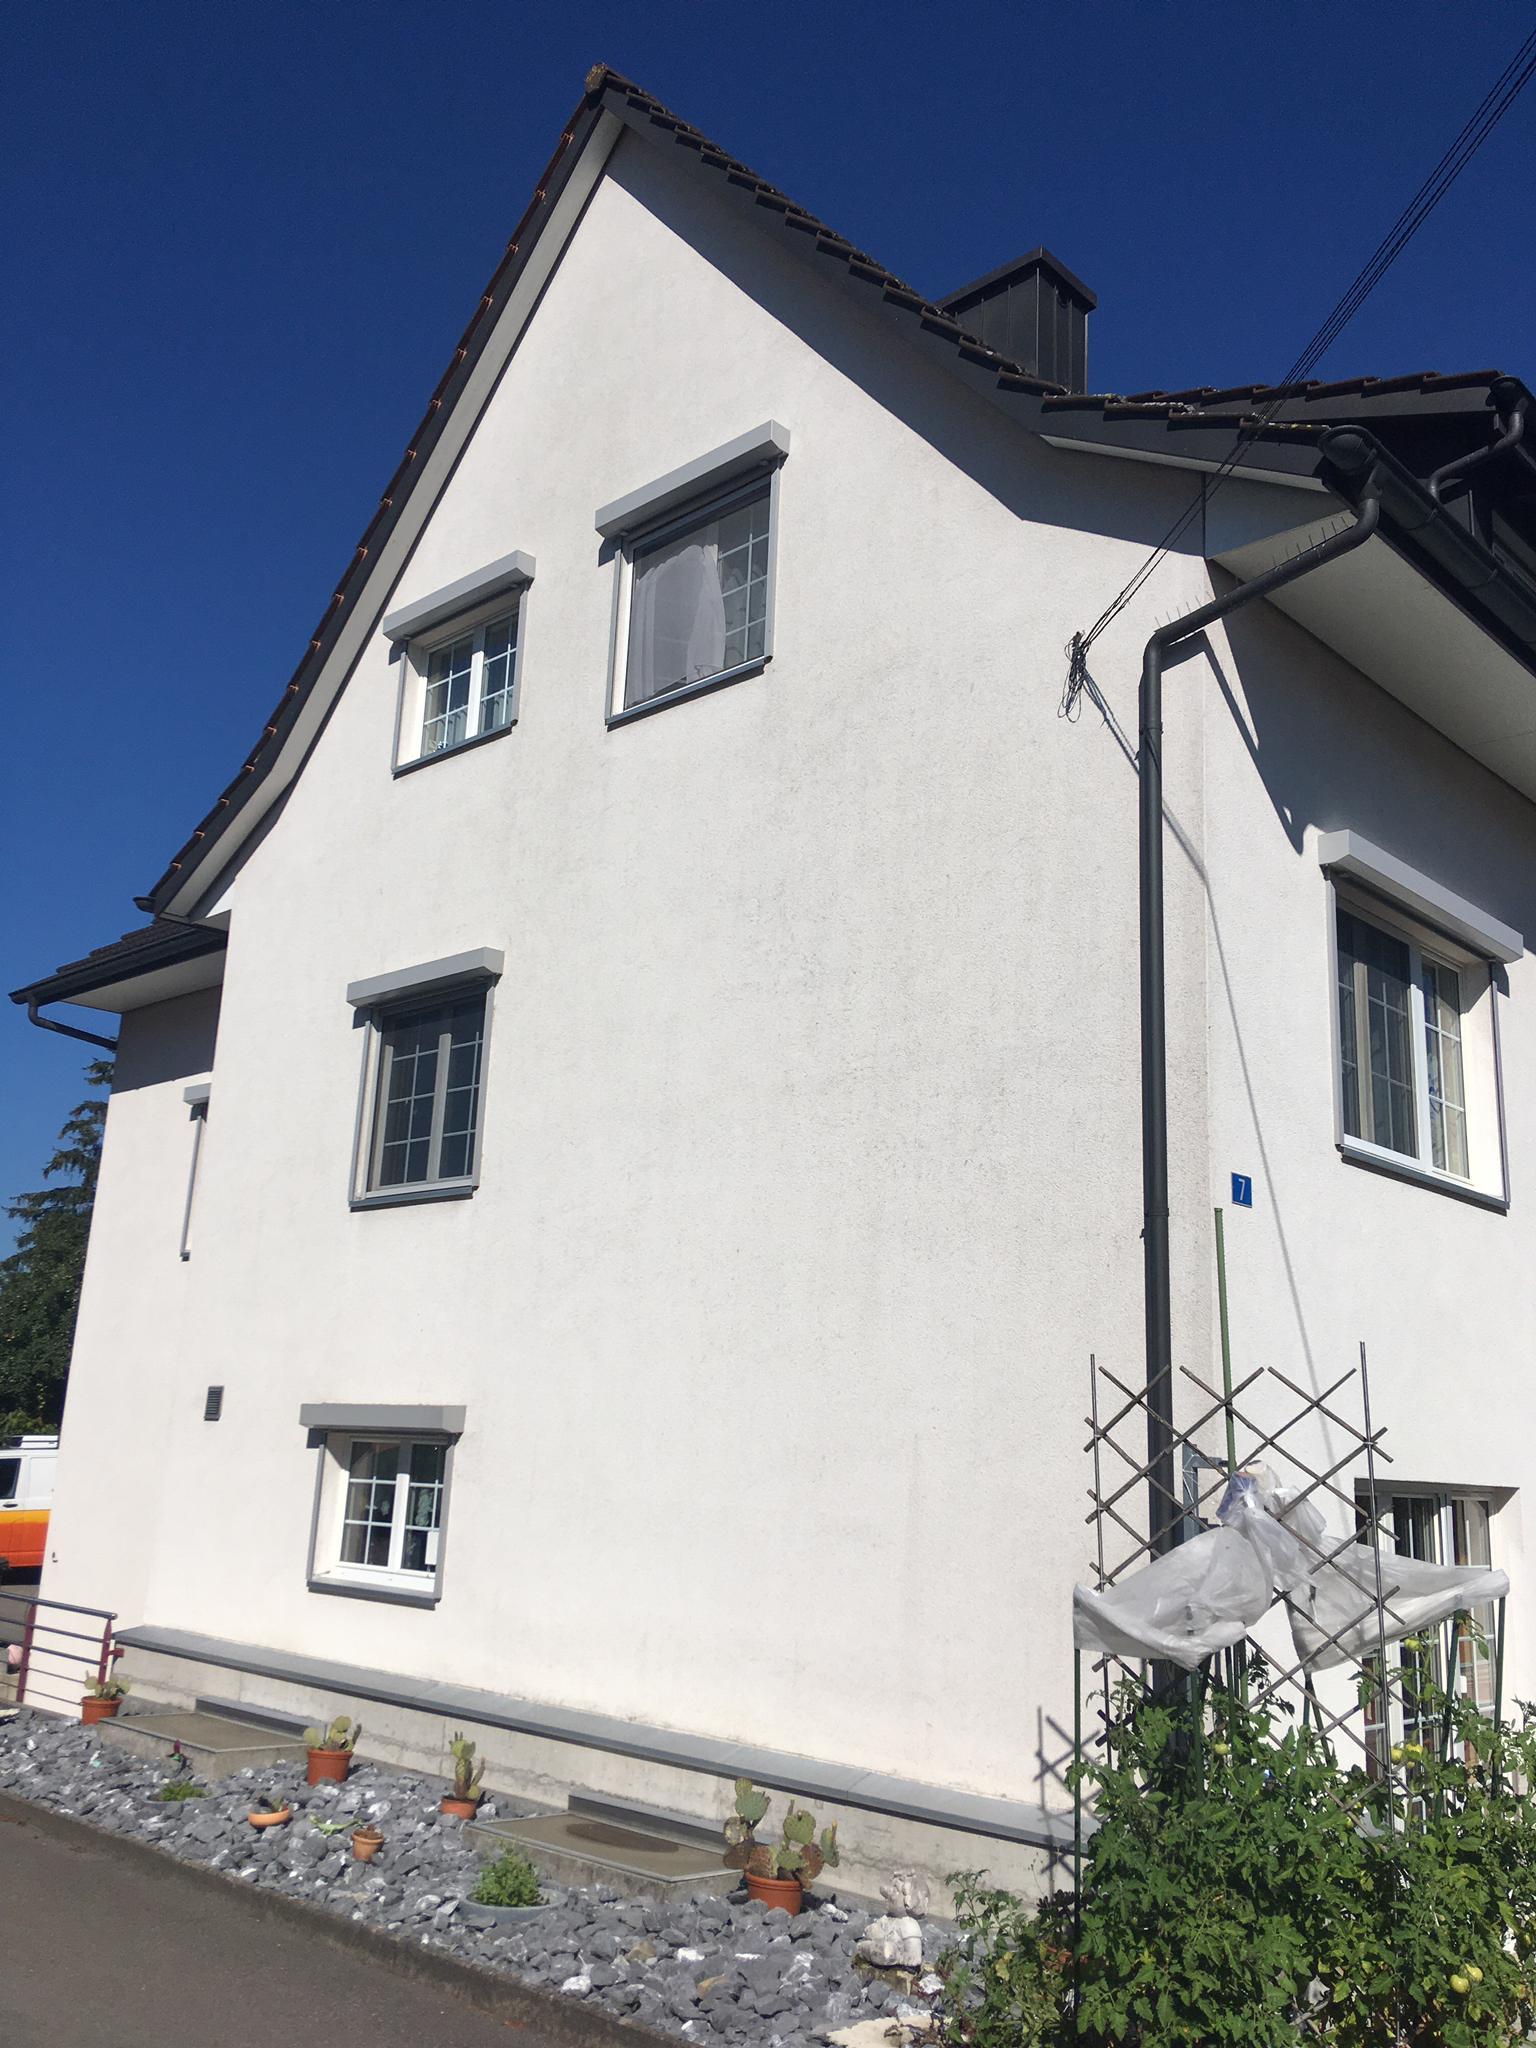 https://www.koster-gs.ch/wp-content/uploads/2021/02/Hengartner-Fassade-1-nachher.jpg